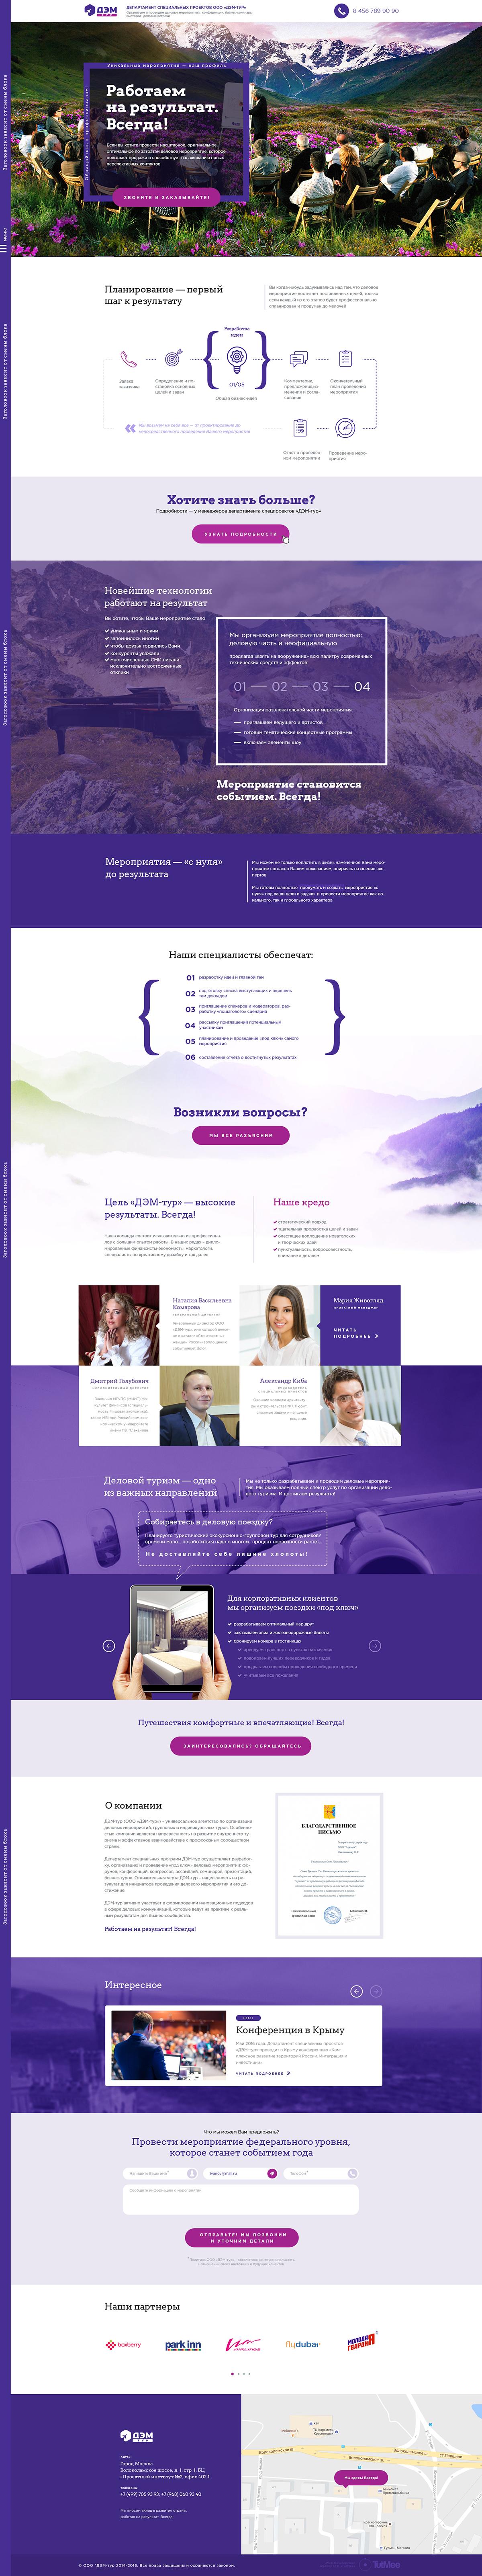 LANDING PAGE ДЭМ-тур - Организация и проведение деловых мероприятий